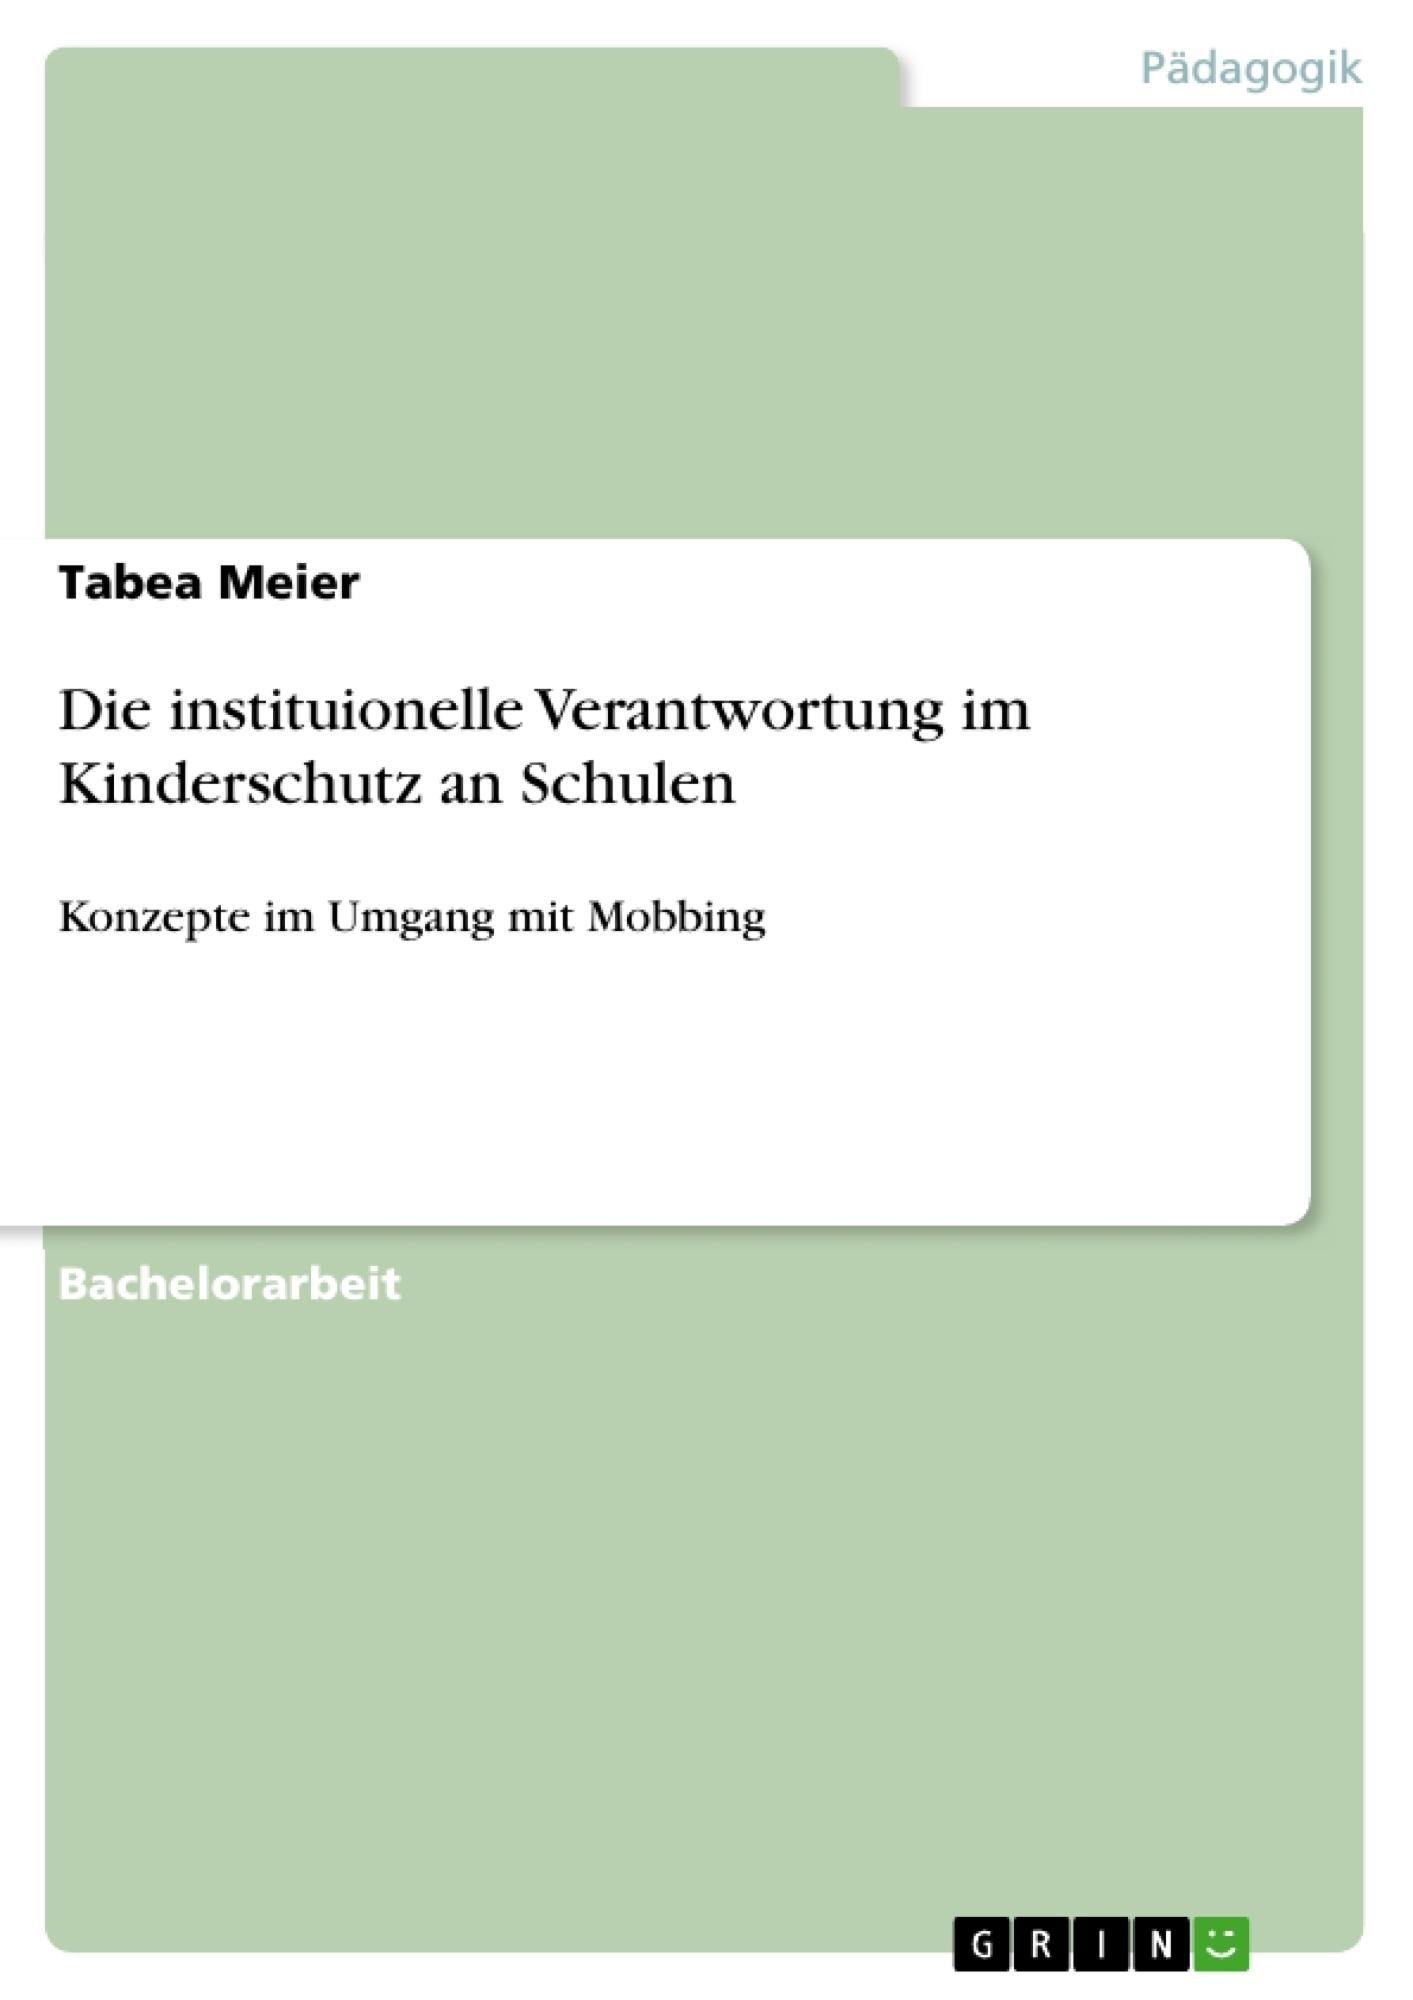 Titel: Die instituionelle Verantwortung im Kinderschutz an Schulen